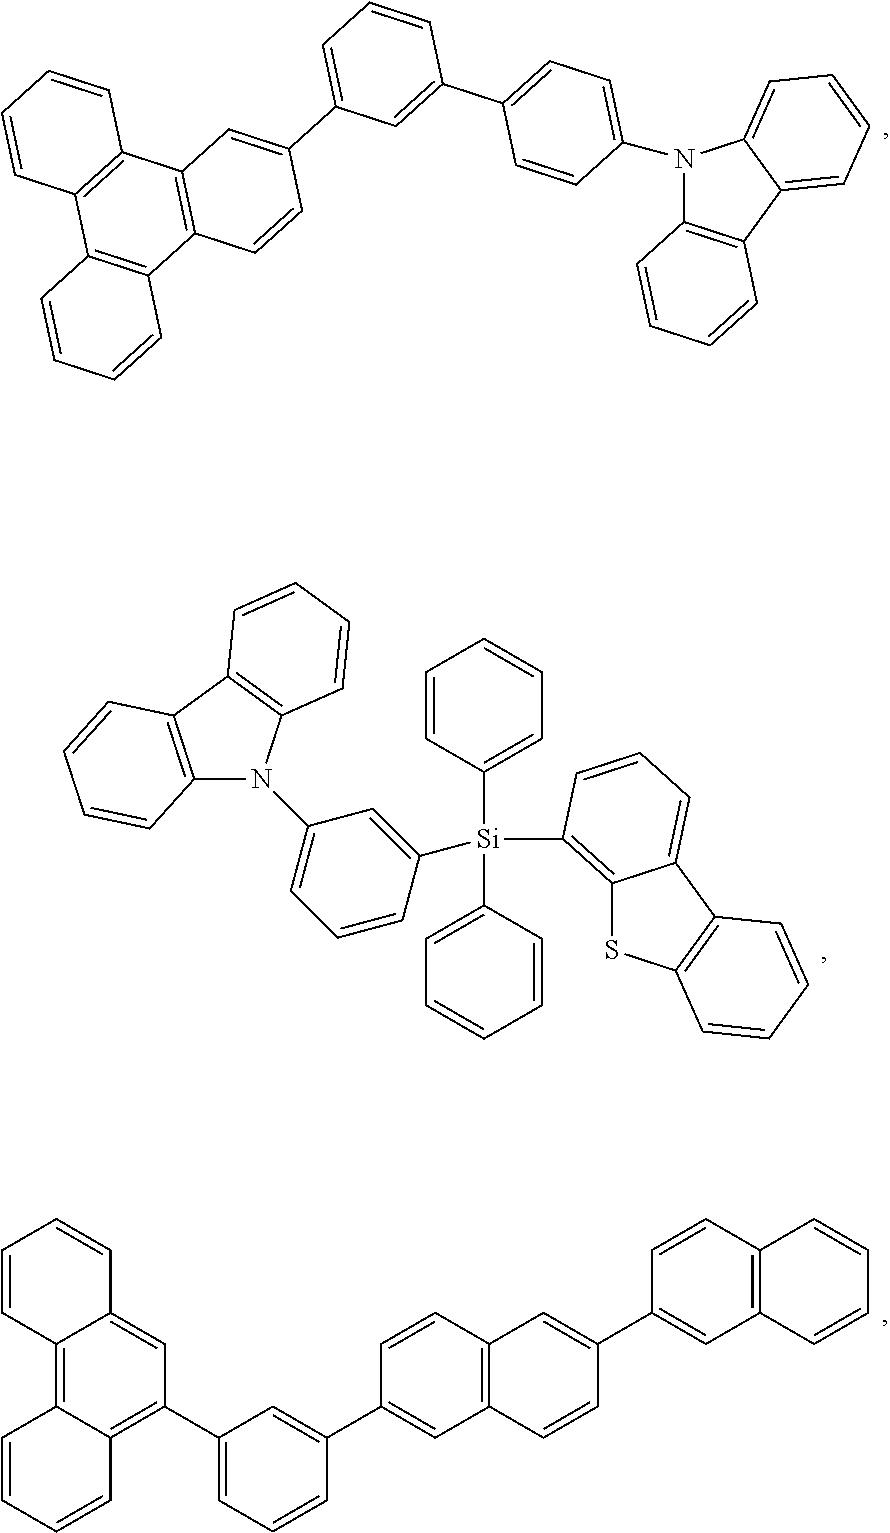 Figure US09905785-20180227-C00020